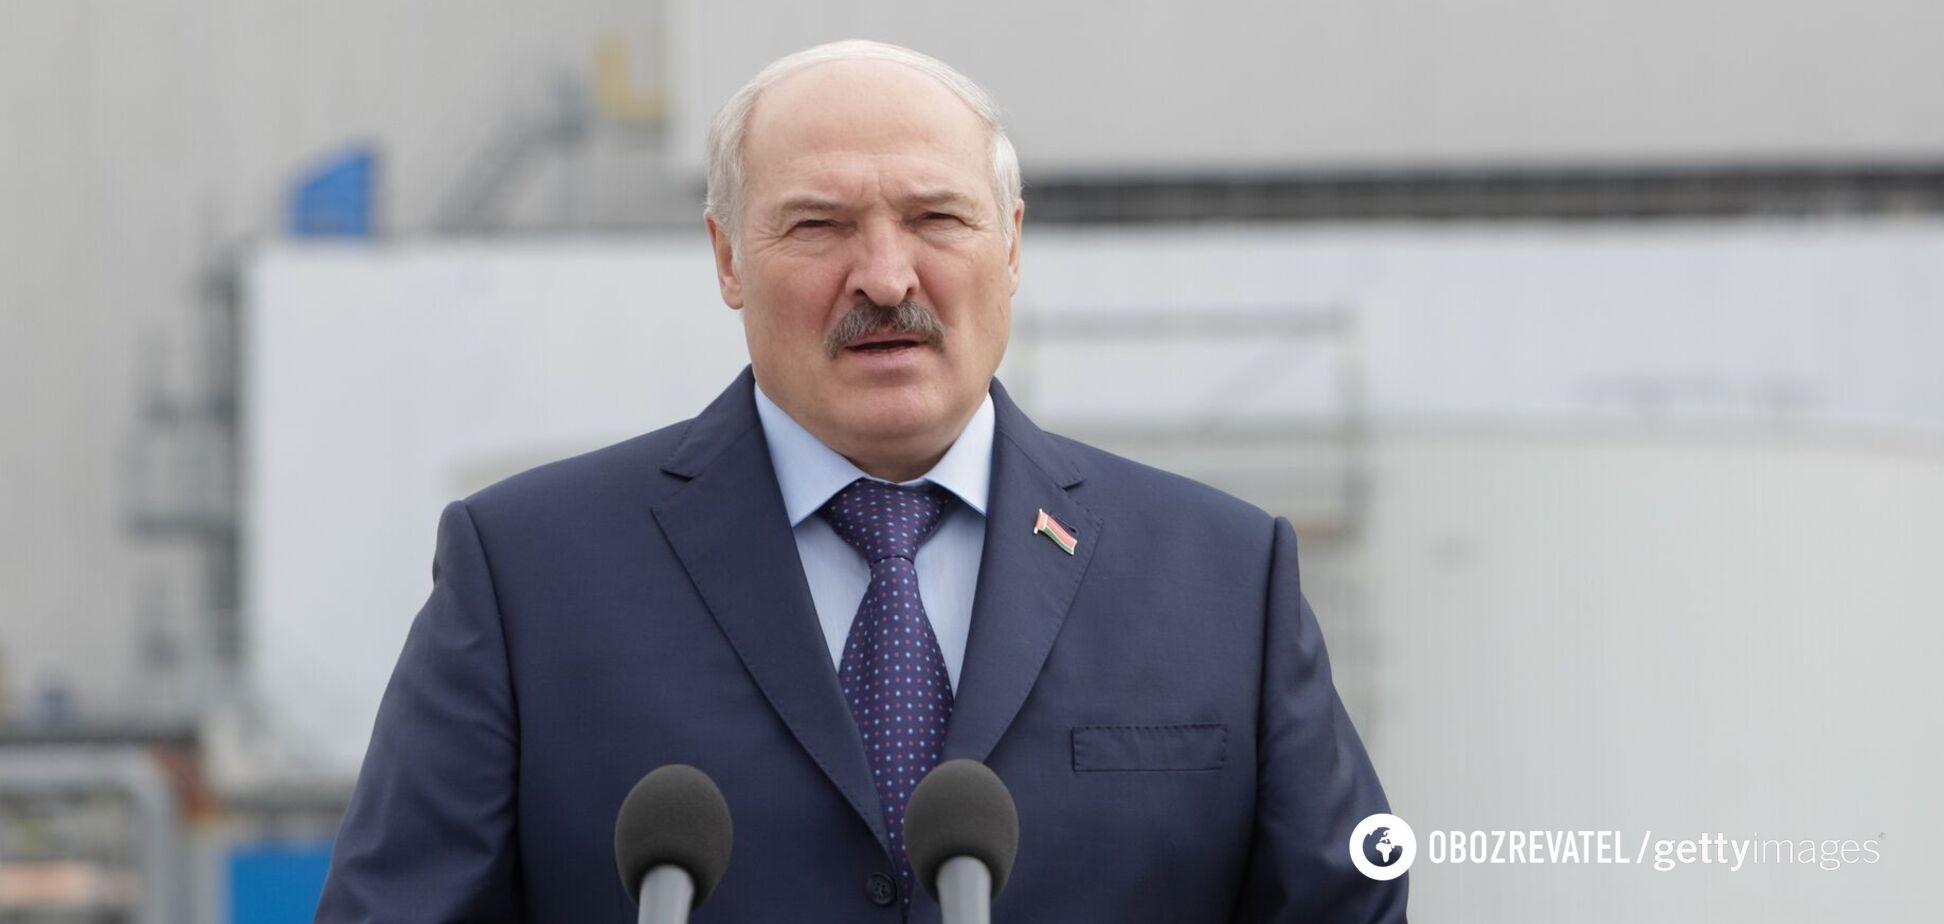 Александра Лукашенко предупредили об участи Чаушеску